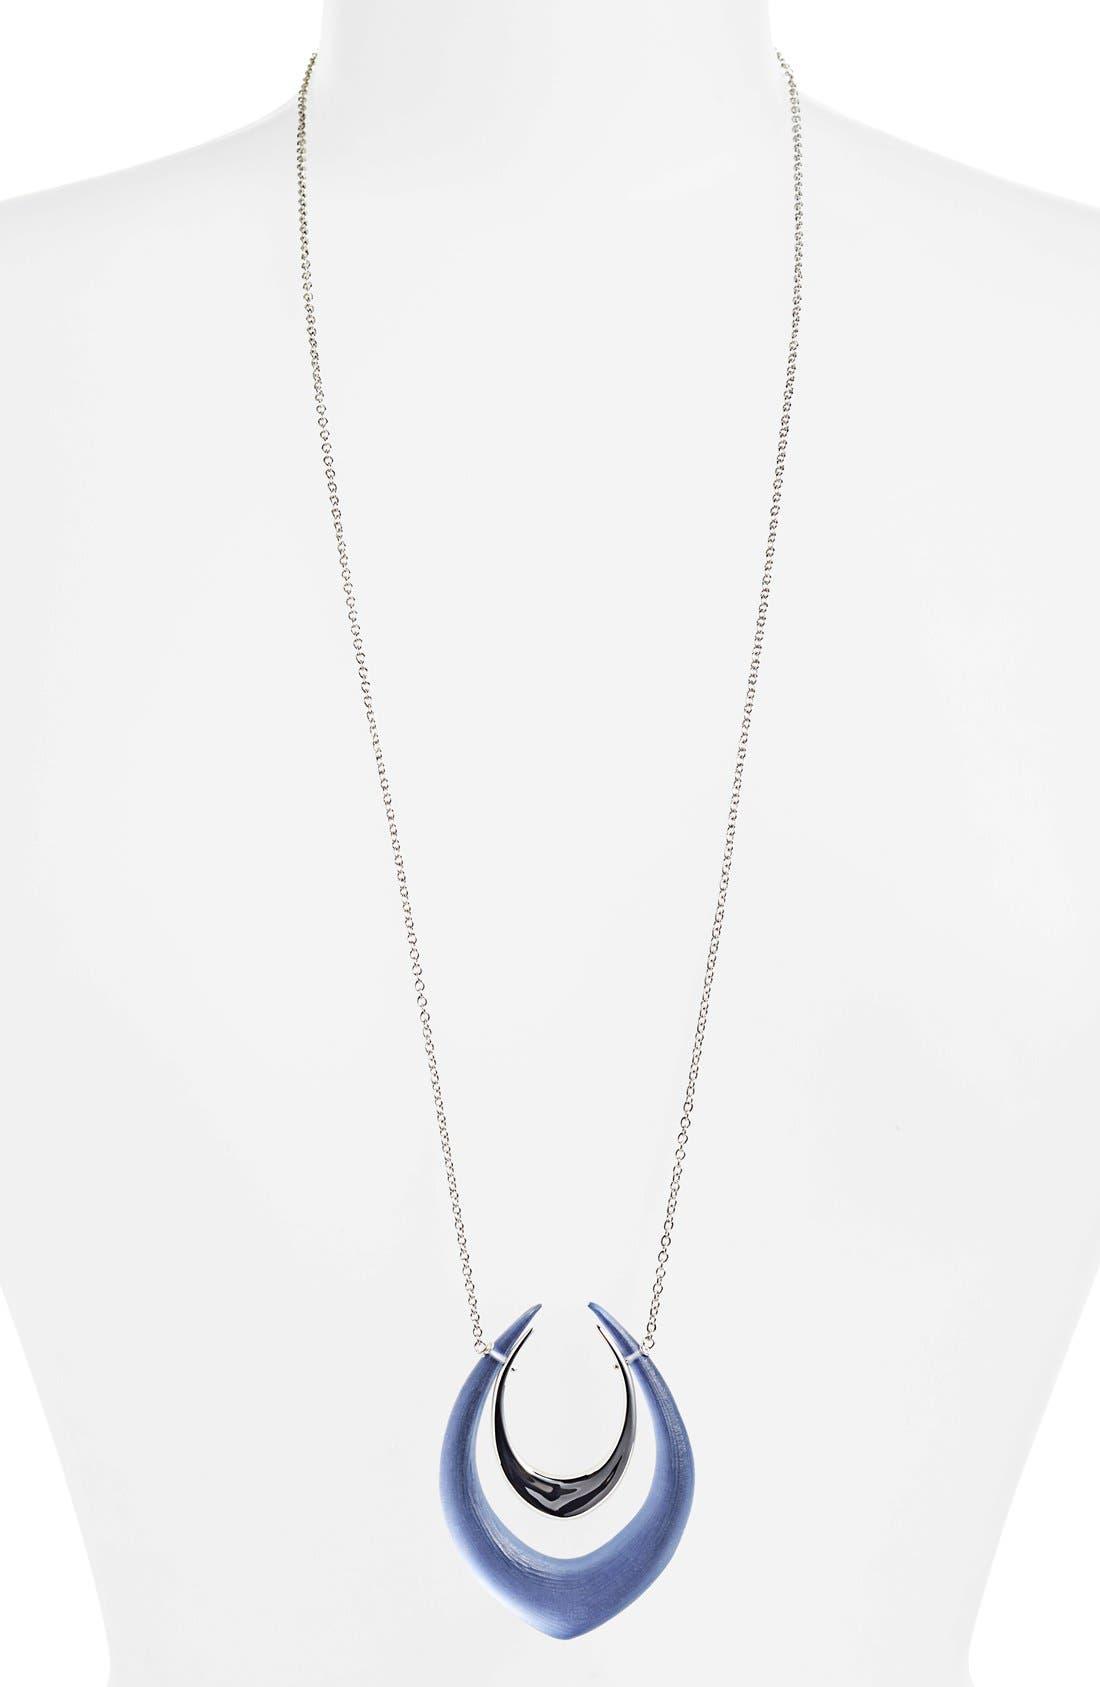 Main Image - Alexis Bittar 'Lucite® - Neon Deco' Long Pendant Necklace